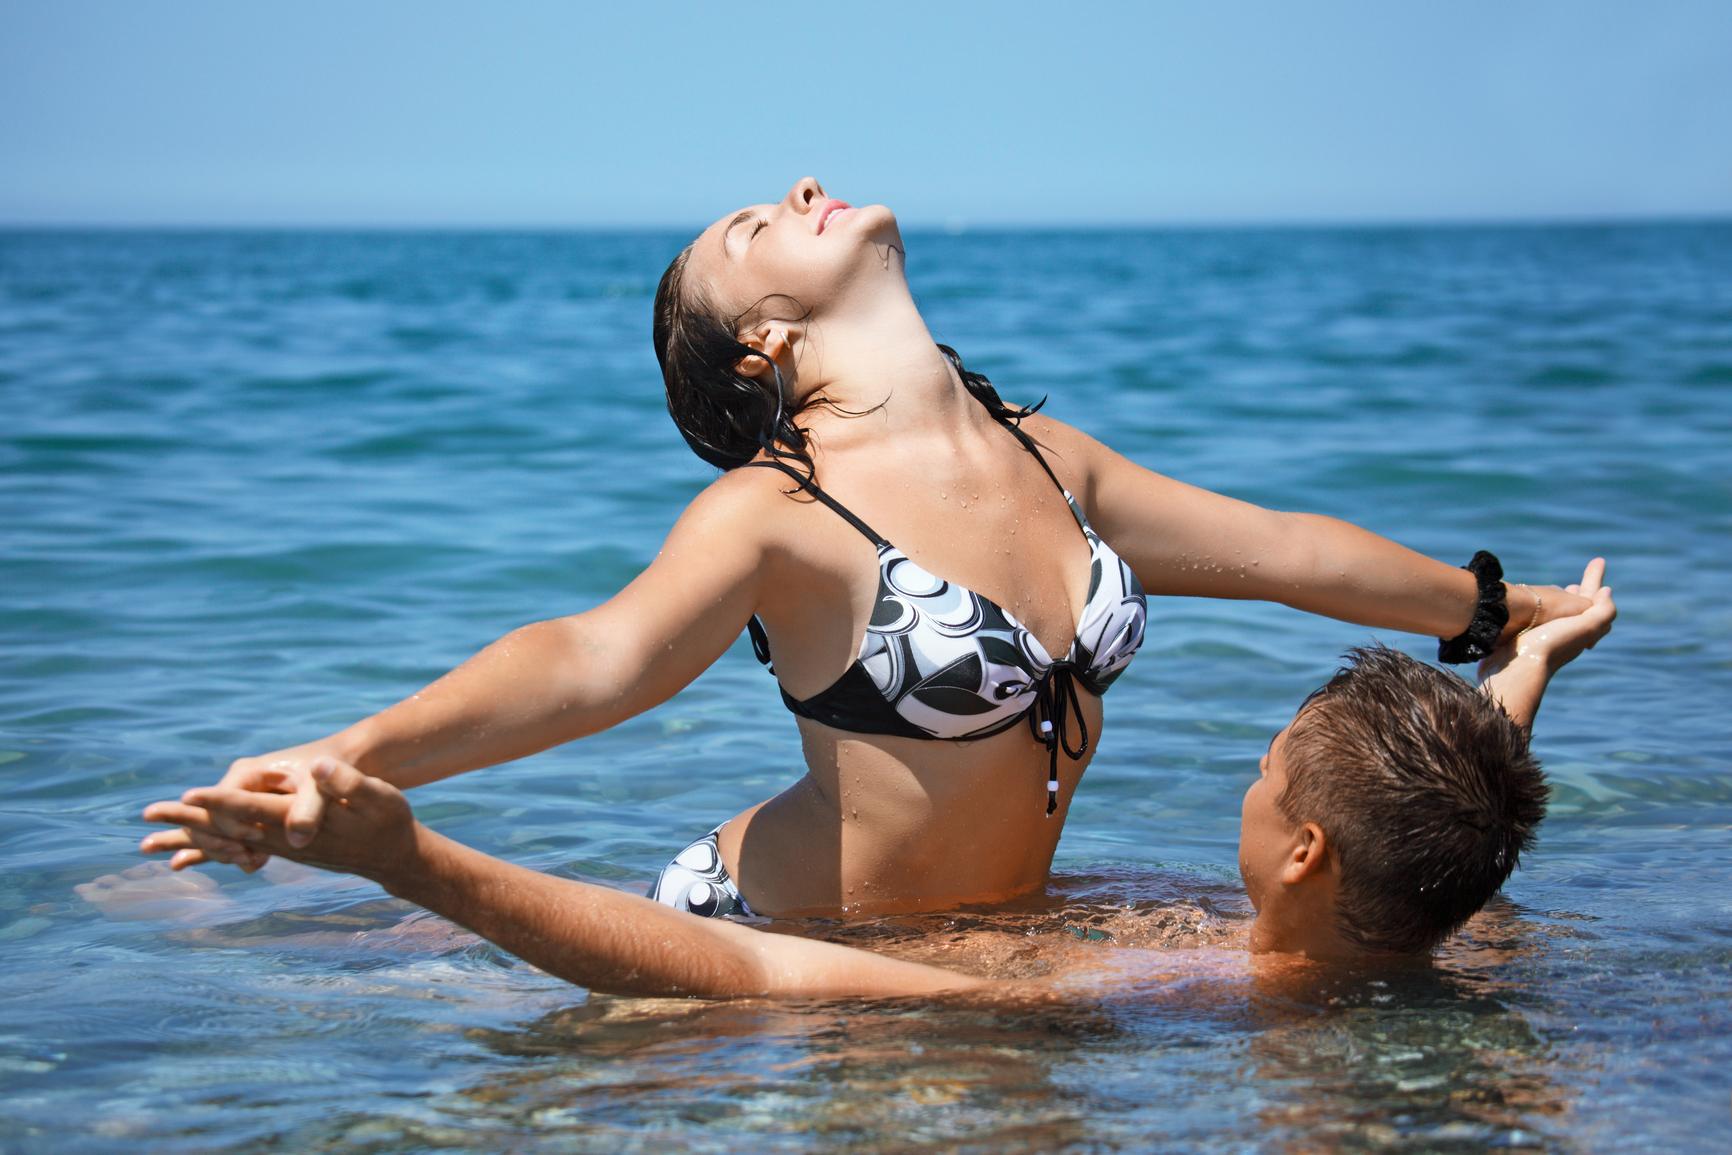 Смотреть купались в море и трахались класное